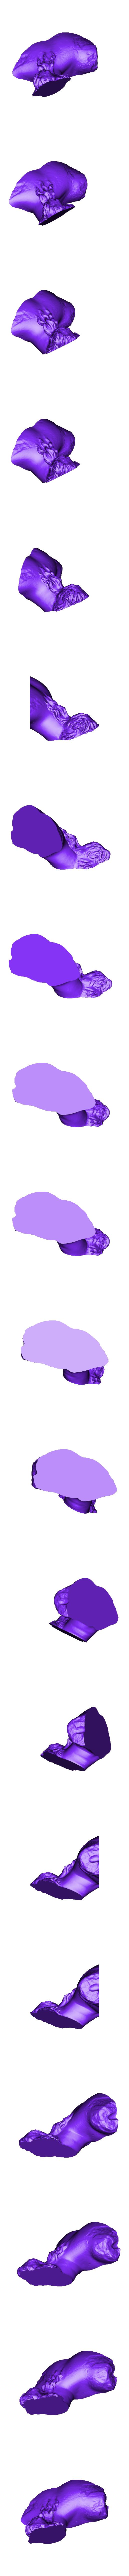 20131013_Venus4.stl Télécharger fichier OBJ gratuit Vénus de Milo • Modèle imprimable en 3D, Ghashgar